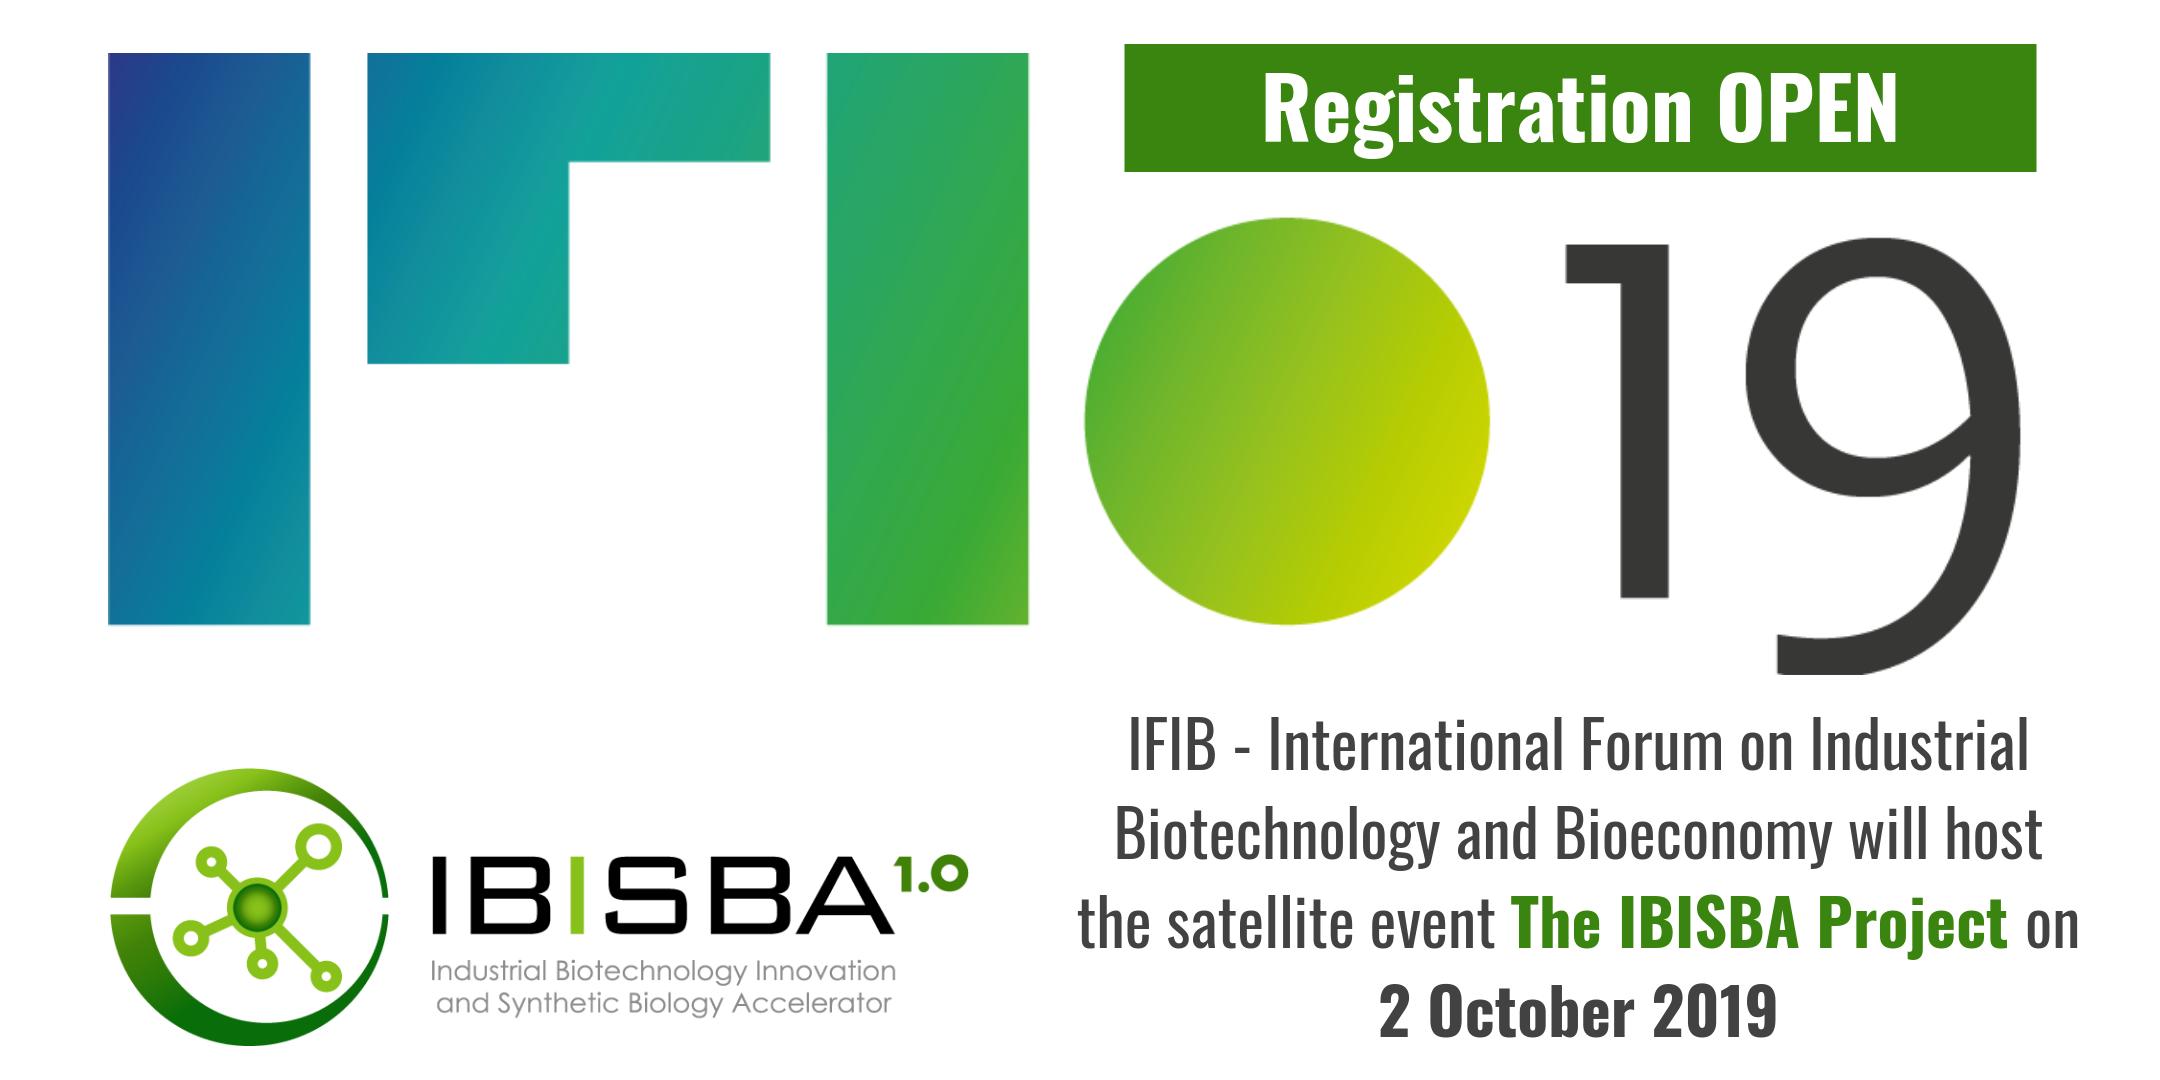 The IBISBA project